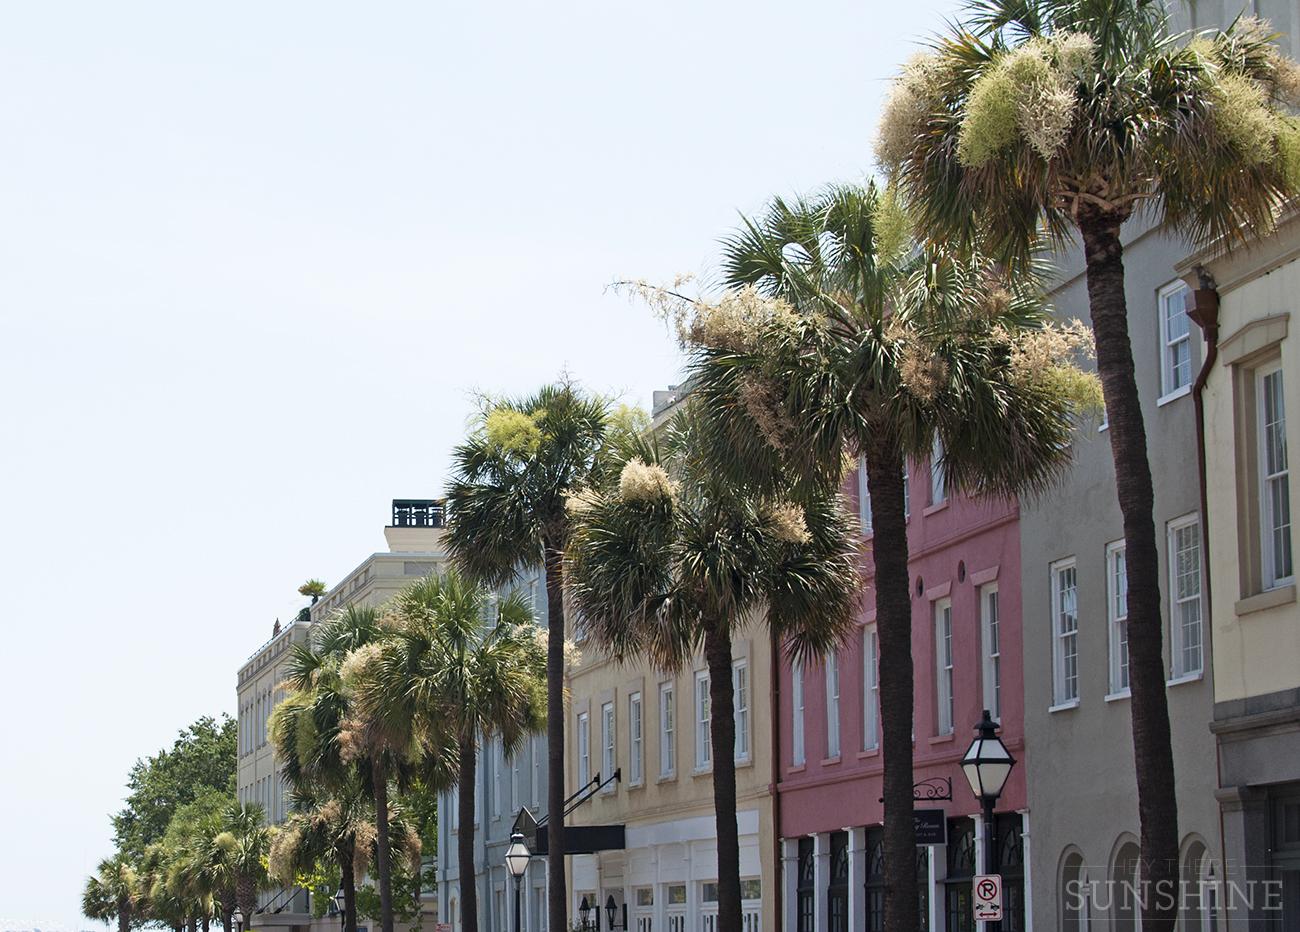 Snapshots from walking around in Charleston, SC